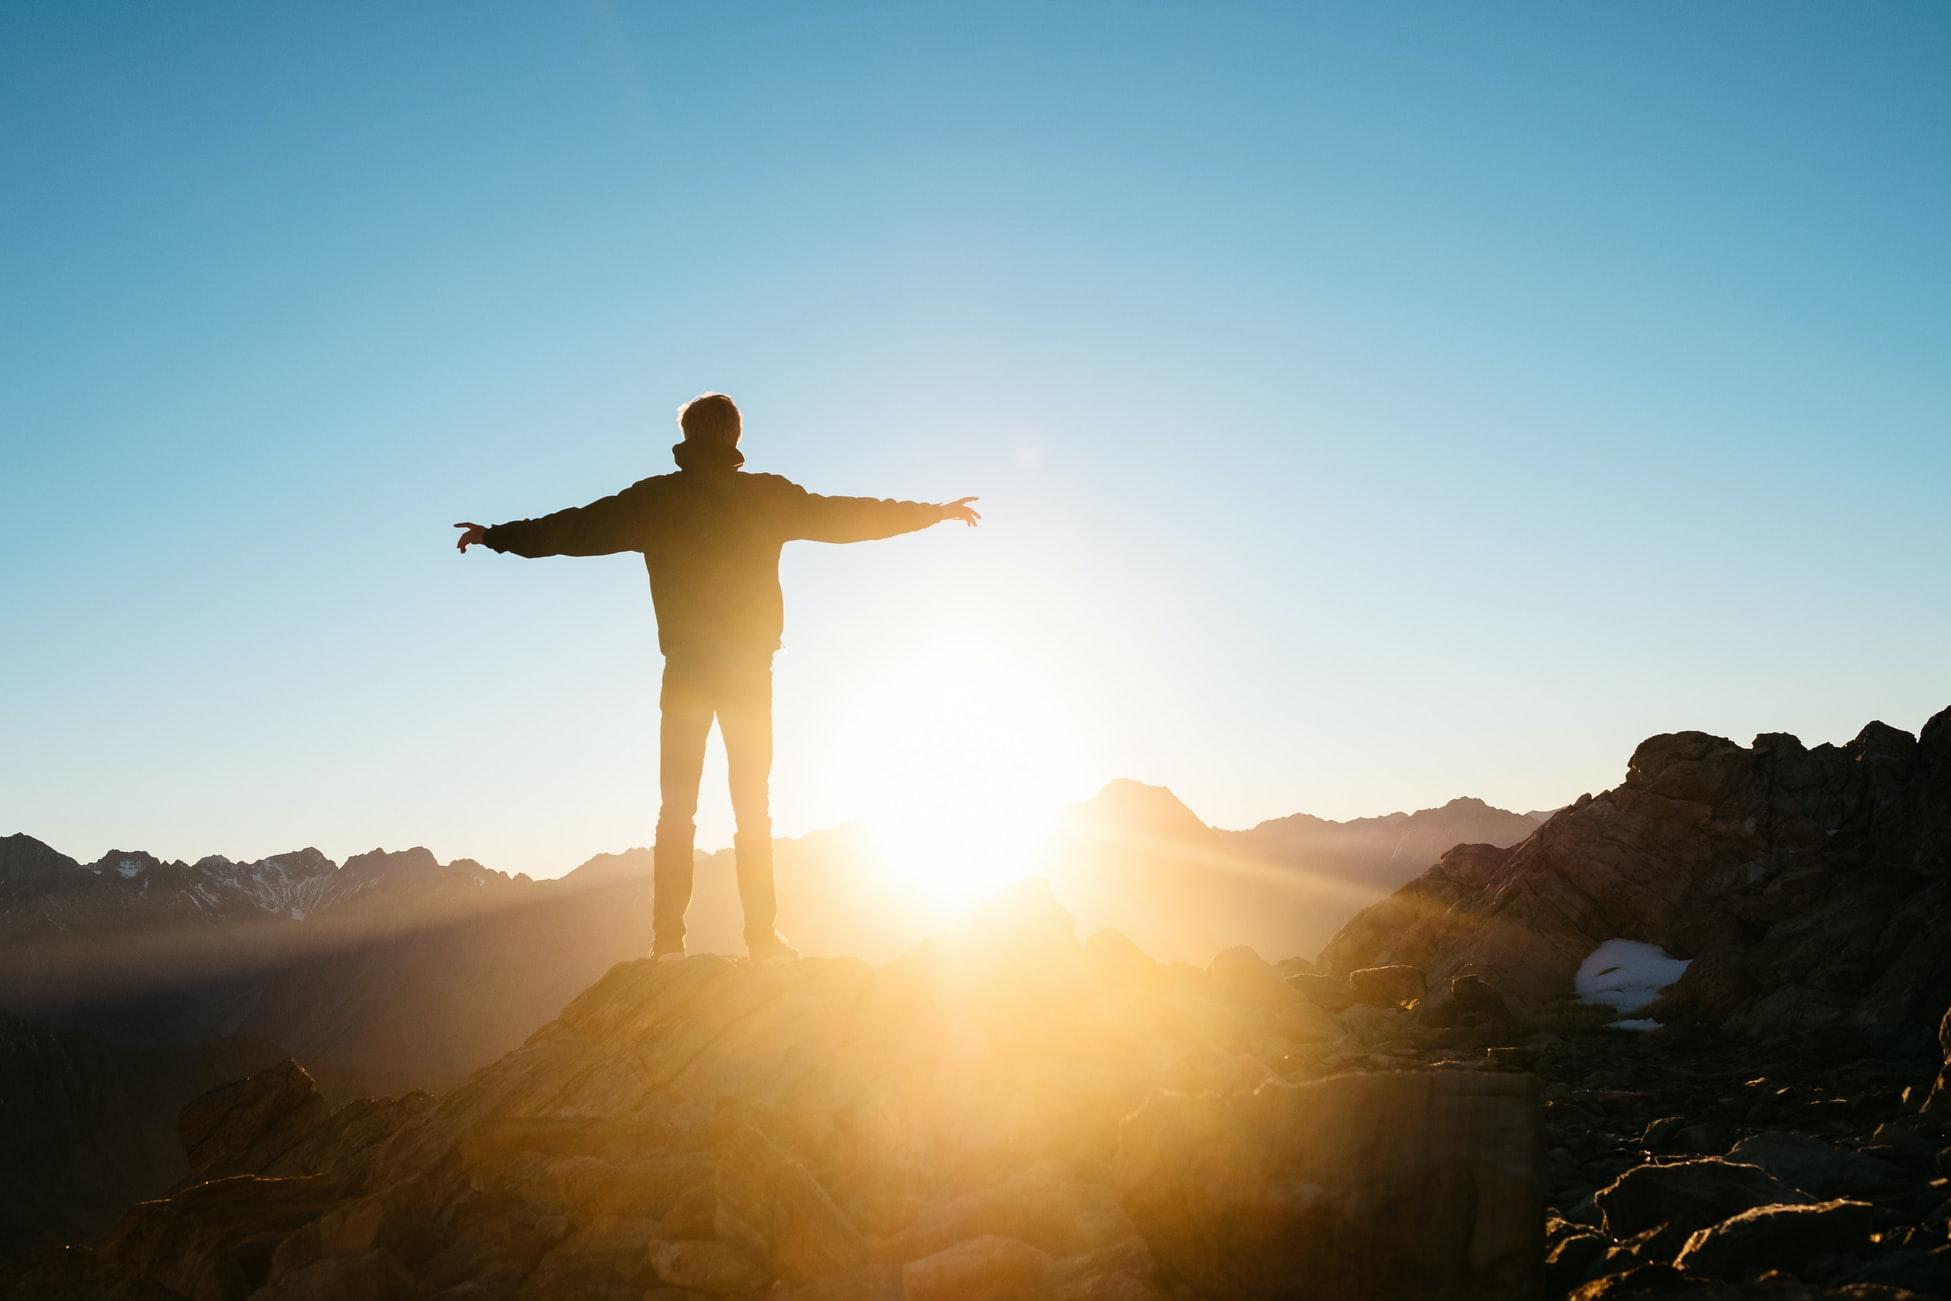 En man står på en bergstopp och välkomnar soluppgången med öppna armar. Med Tele2 Företag kan du jaga efter dina drömmar i både Sverige och utomlands. Nu ingår även 5G i alla våra abonnemang.